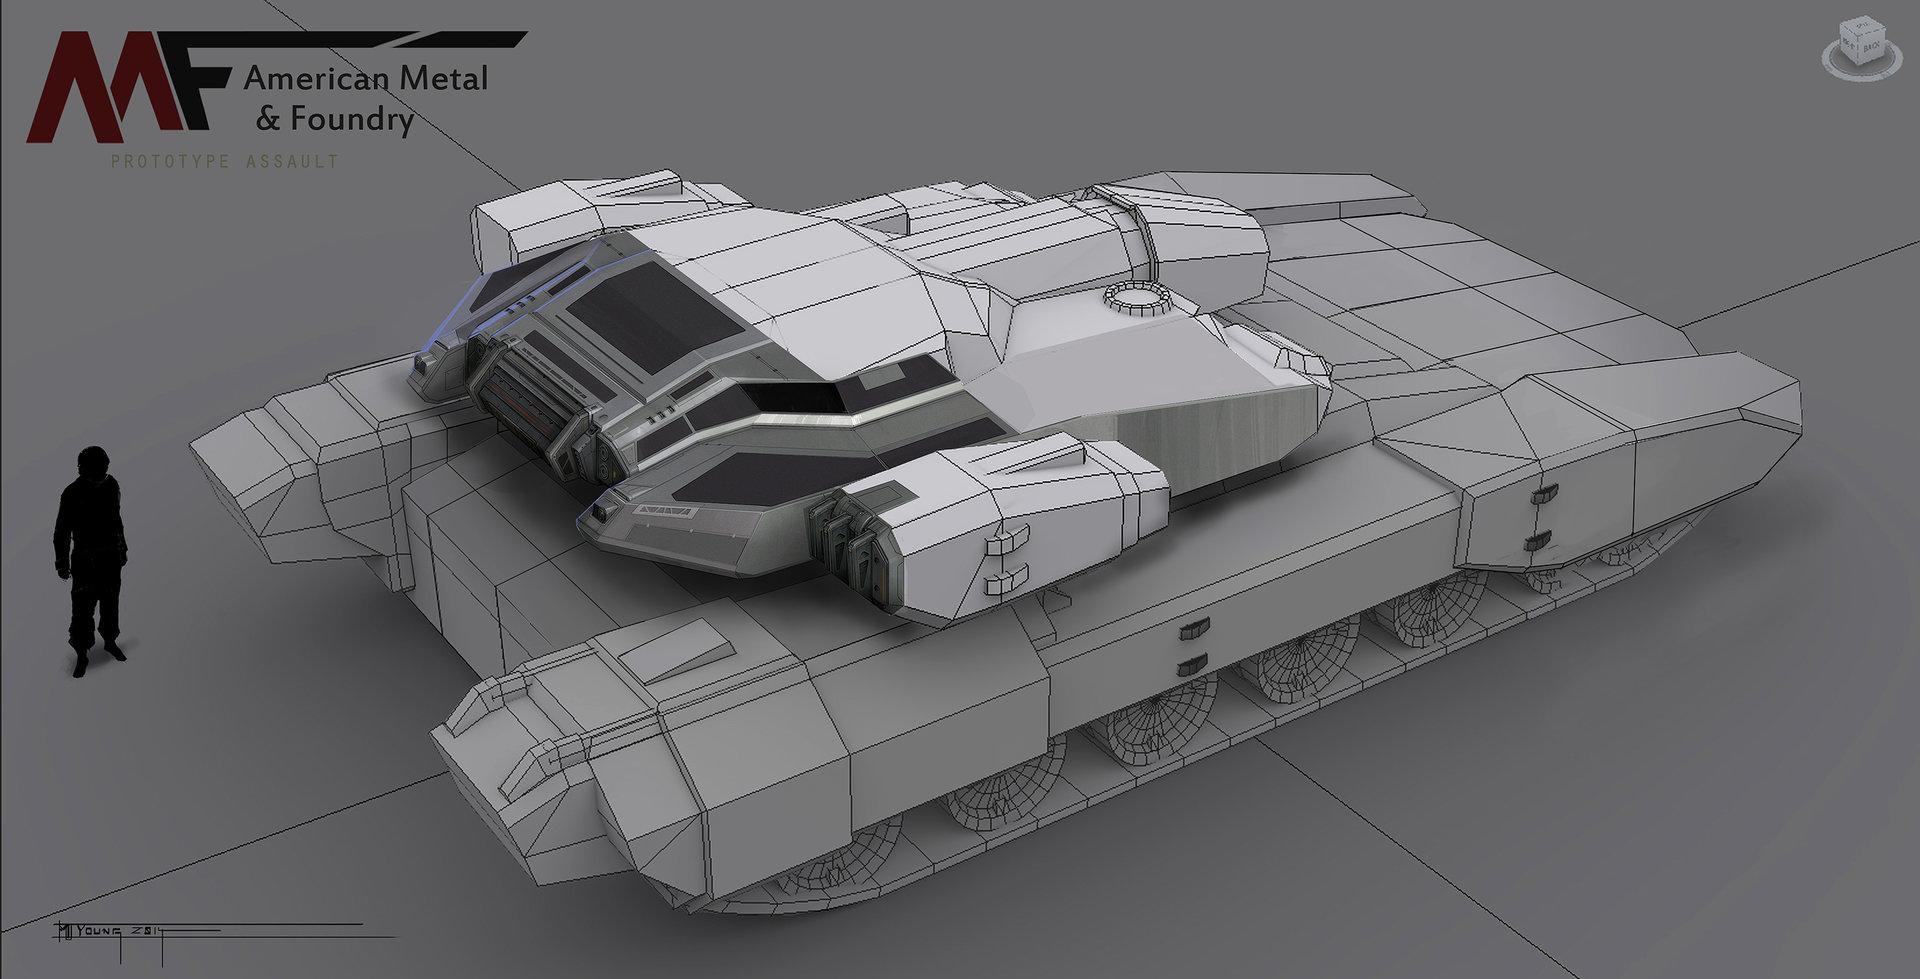 Muyoung kim armor leopard turret 1 back final v2